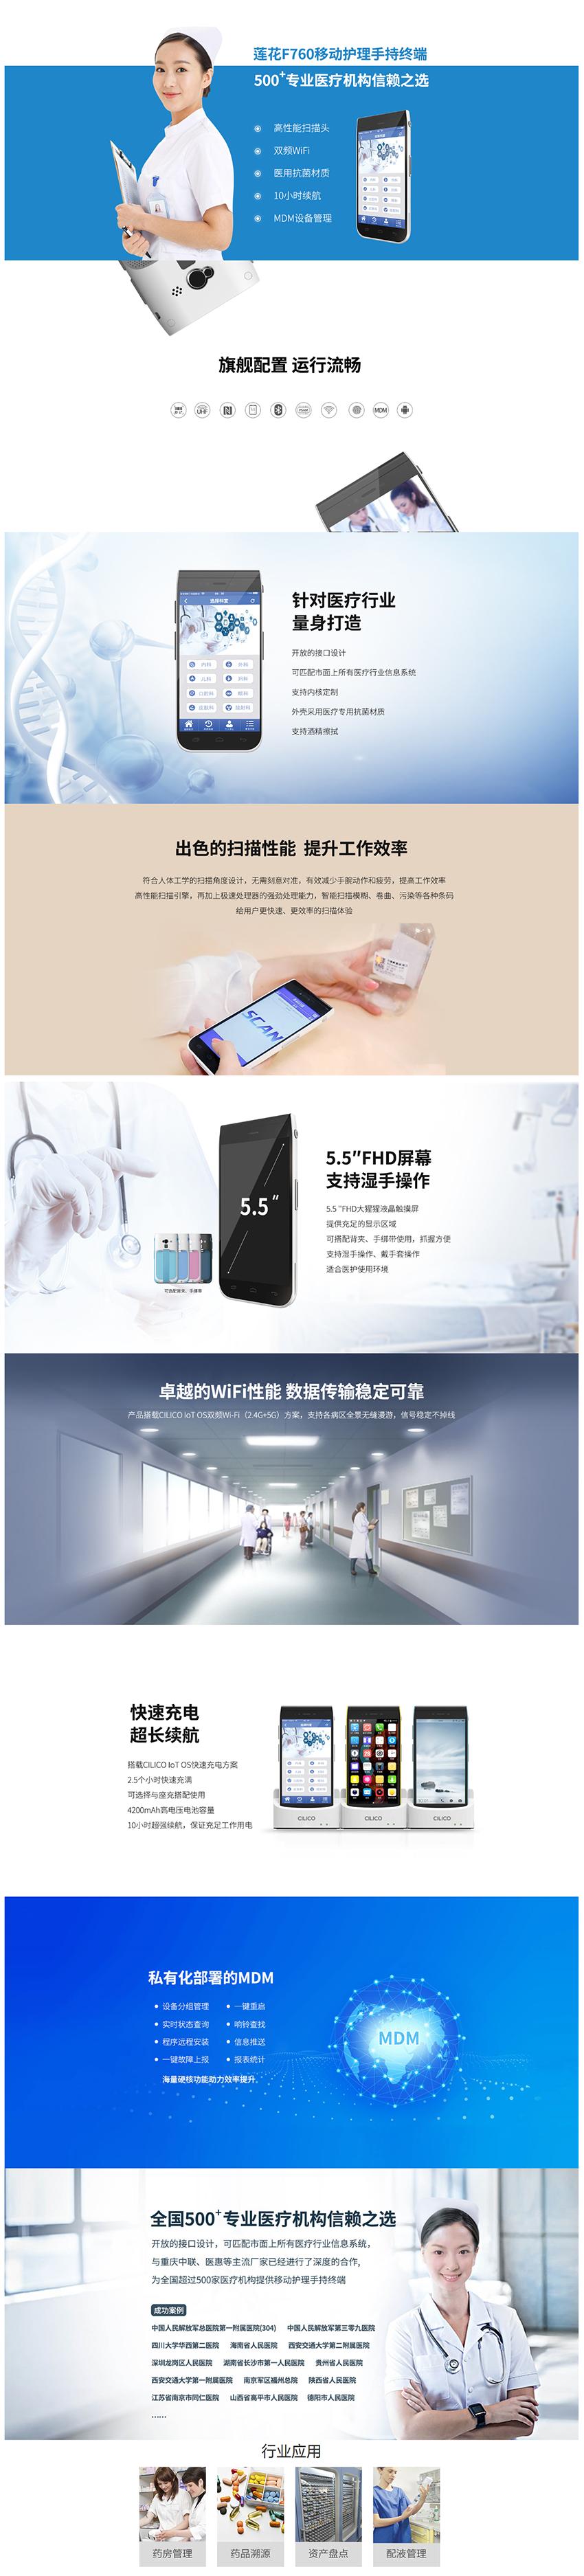 医疗手持终端,医疗pda,移动医疗护理手持终端,护士手持机-富立叶CILICO.png